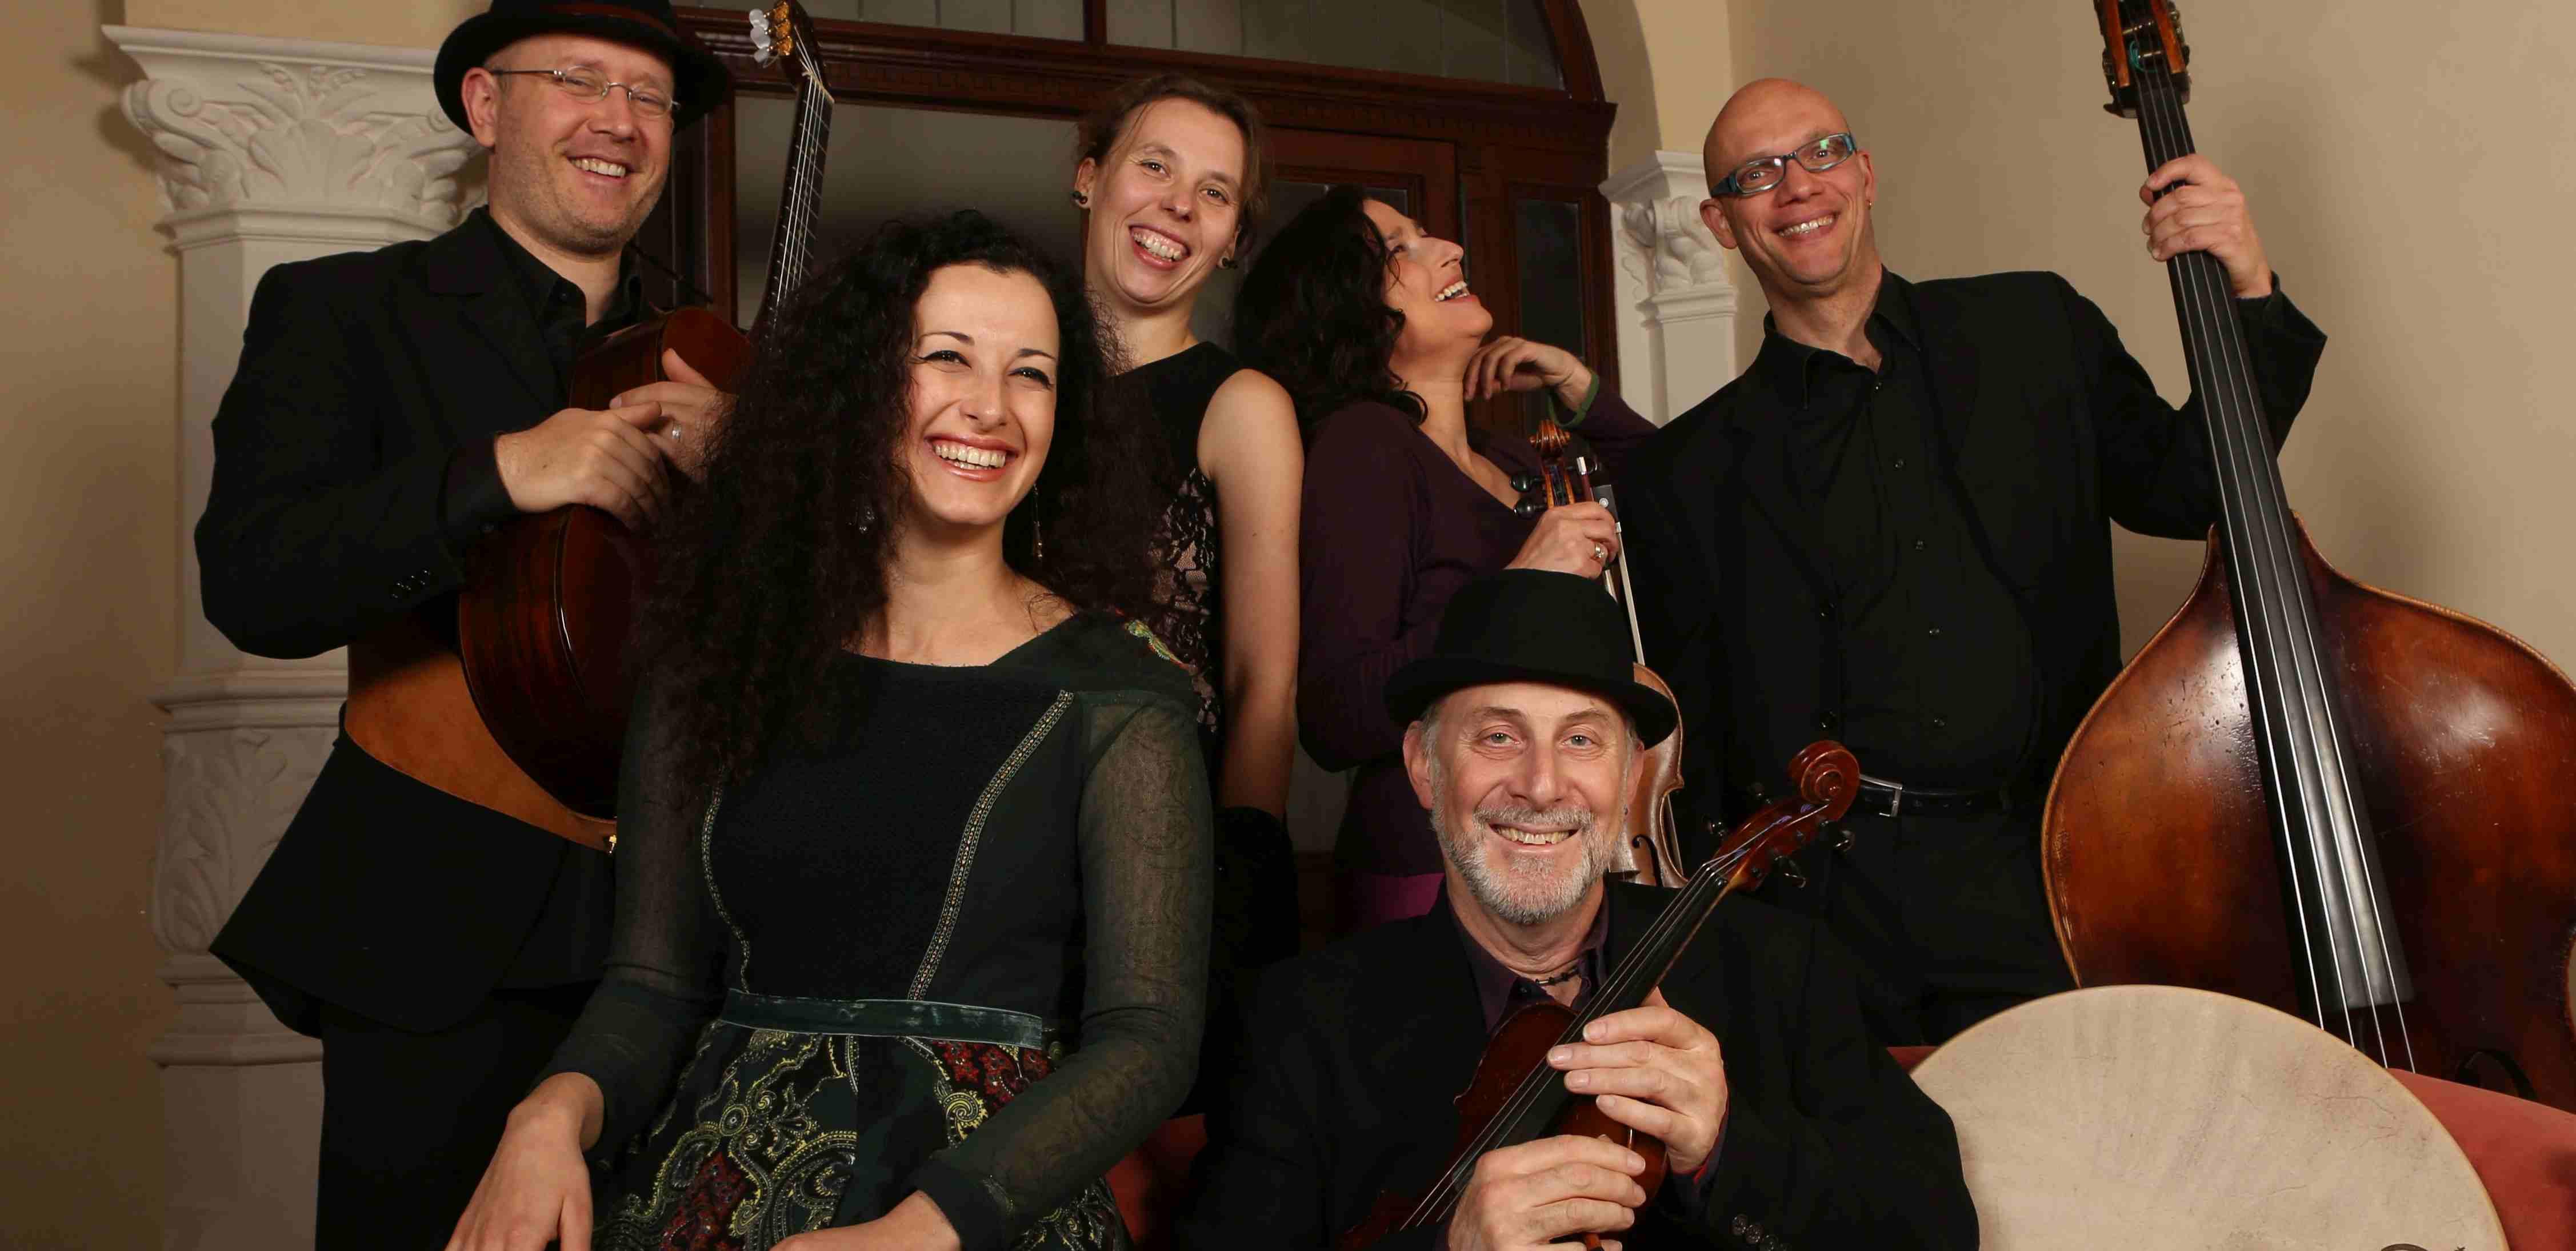 Doppelkonzert: Bube Dame König & Voices of Ashkenaz am 12.11.2016 in der Aula / Löwengebäude